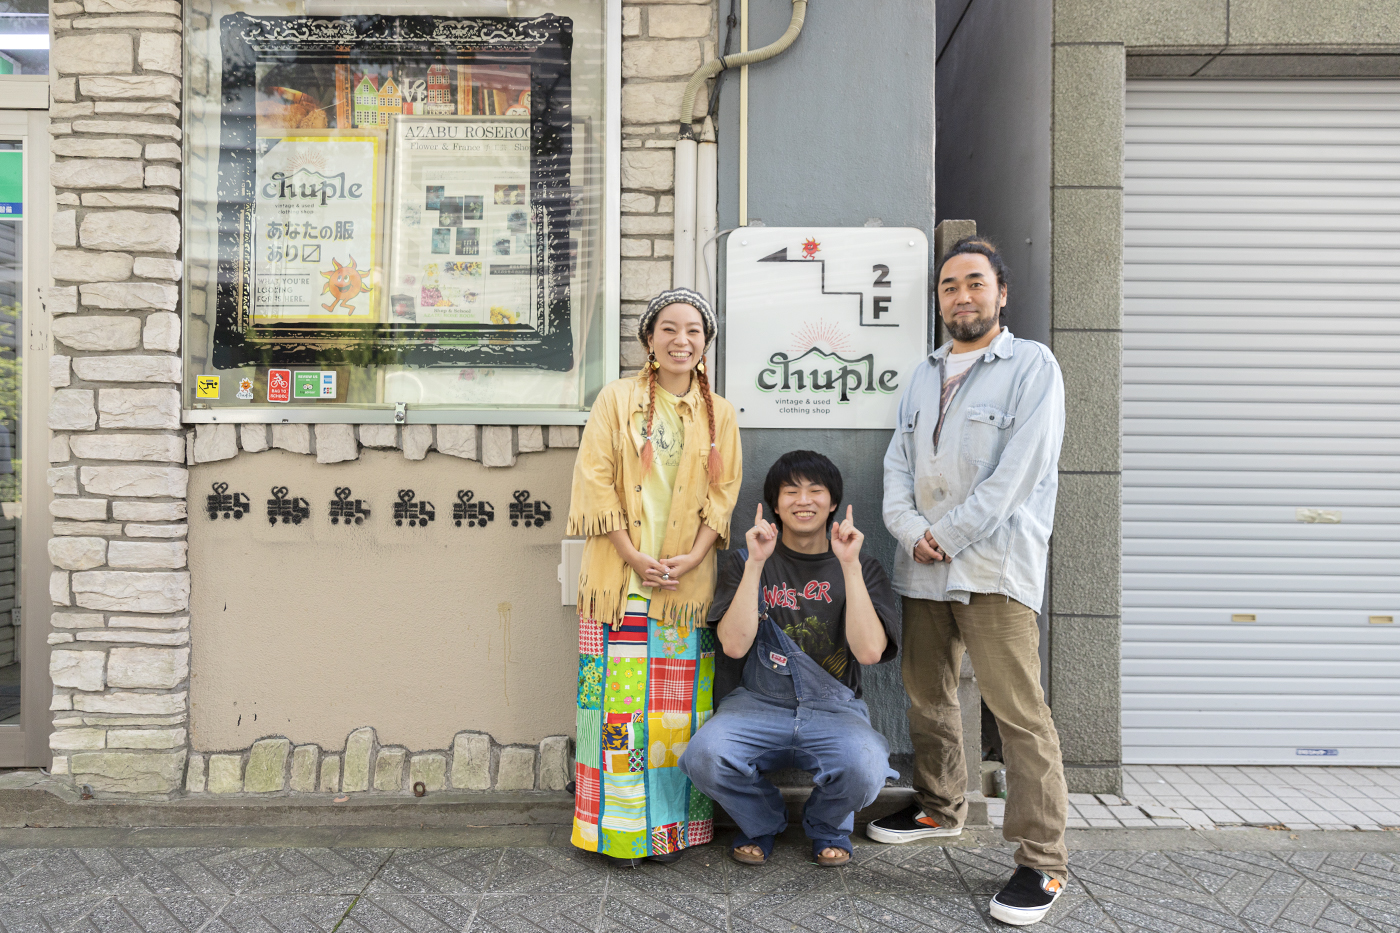 古着屋「chuple」の看板前で学生ライターの八嶋くんを囲みポーズをとるメグミさんとカツゲンさん